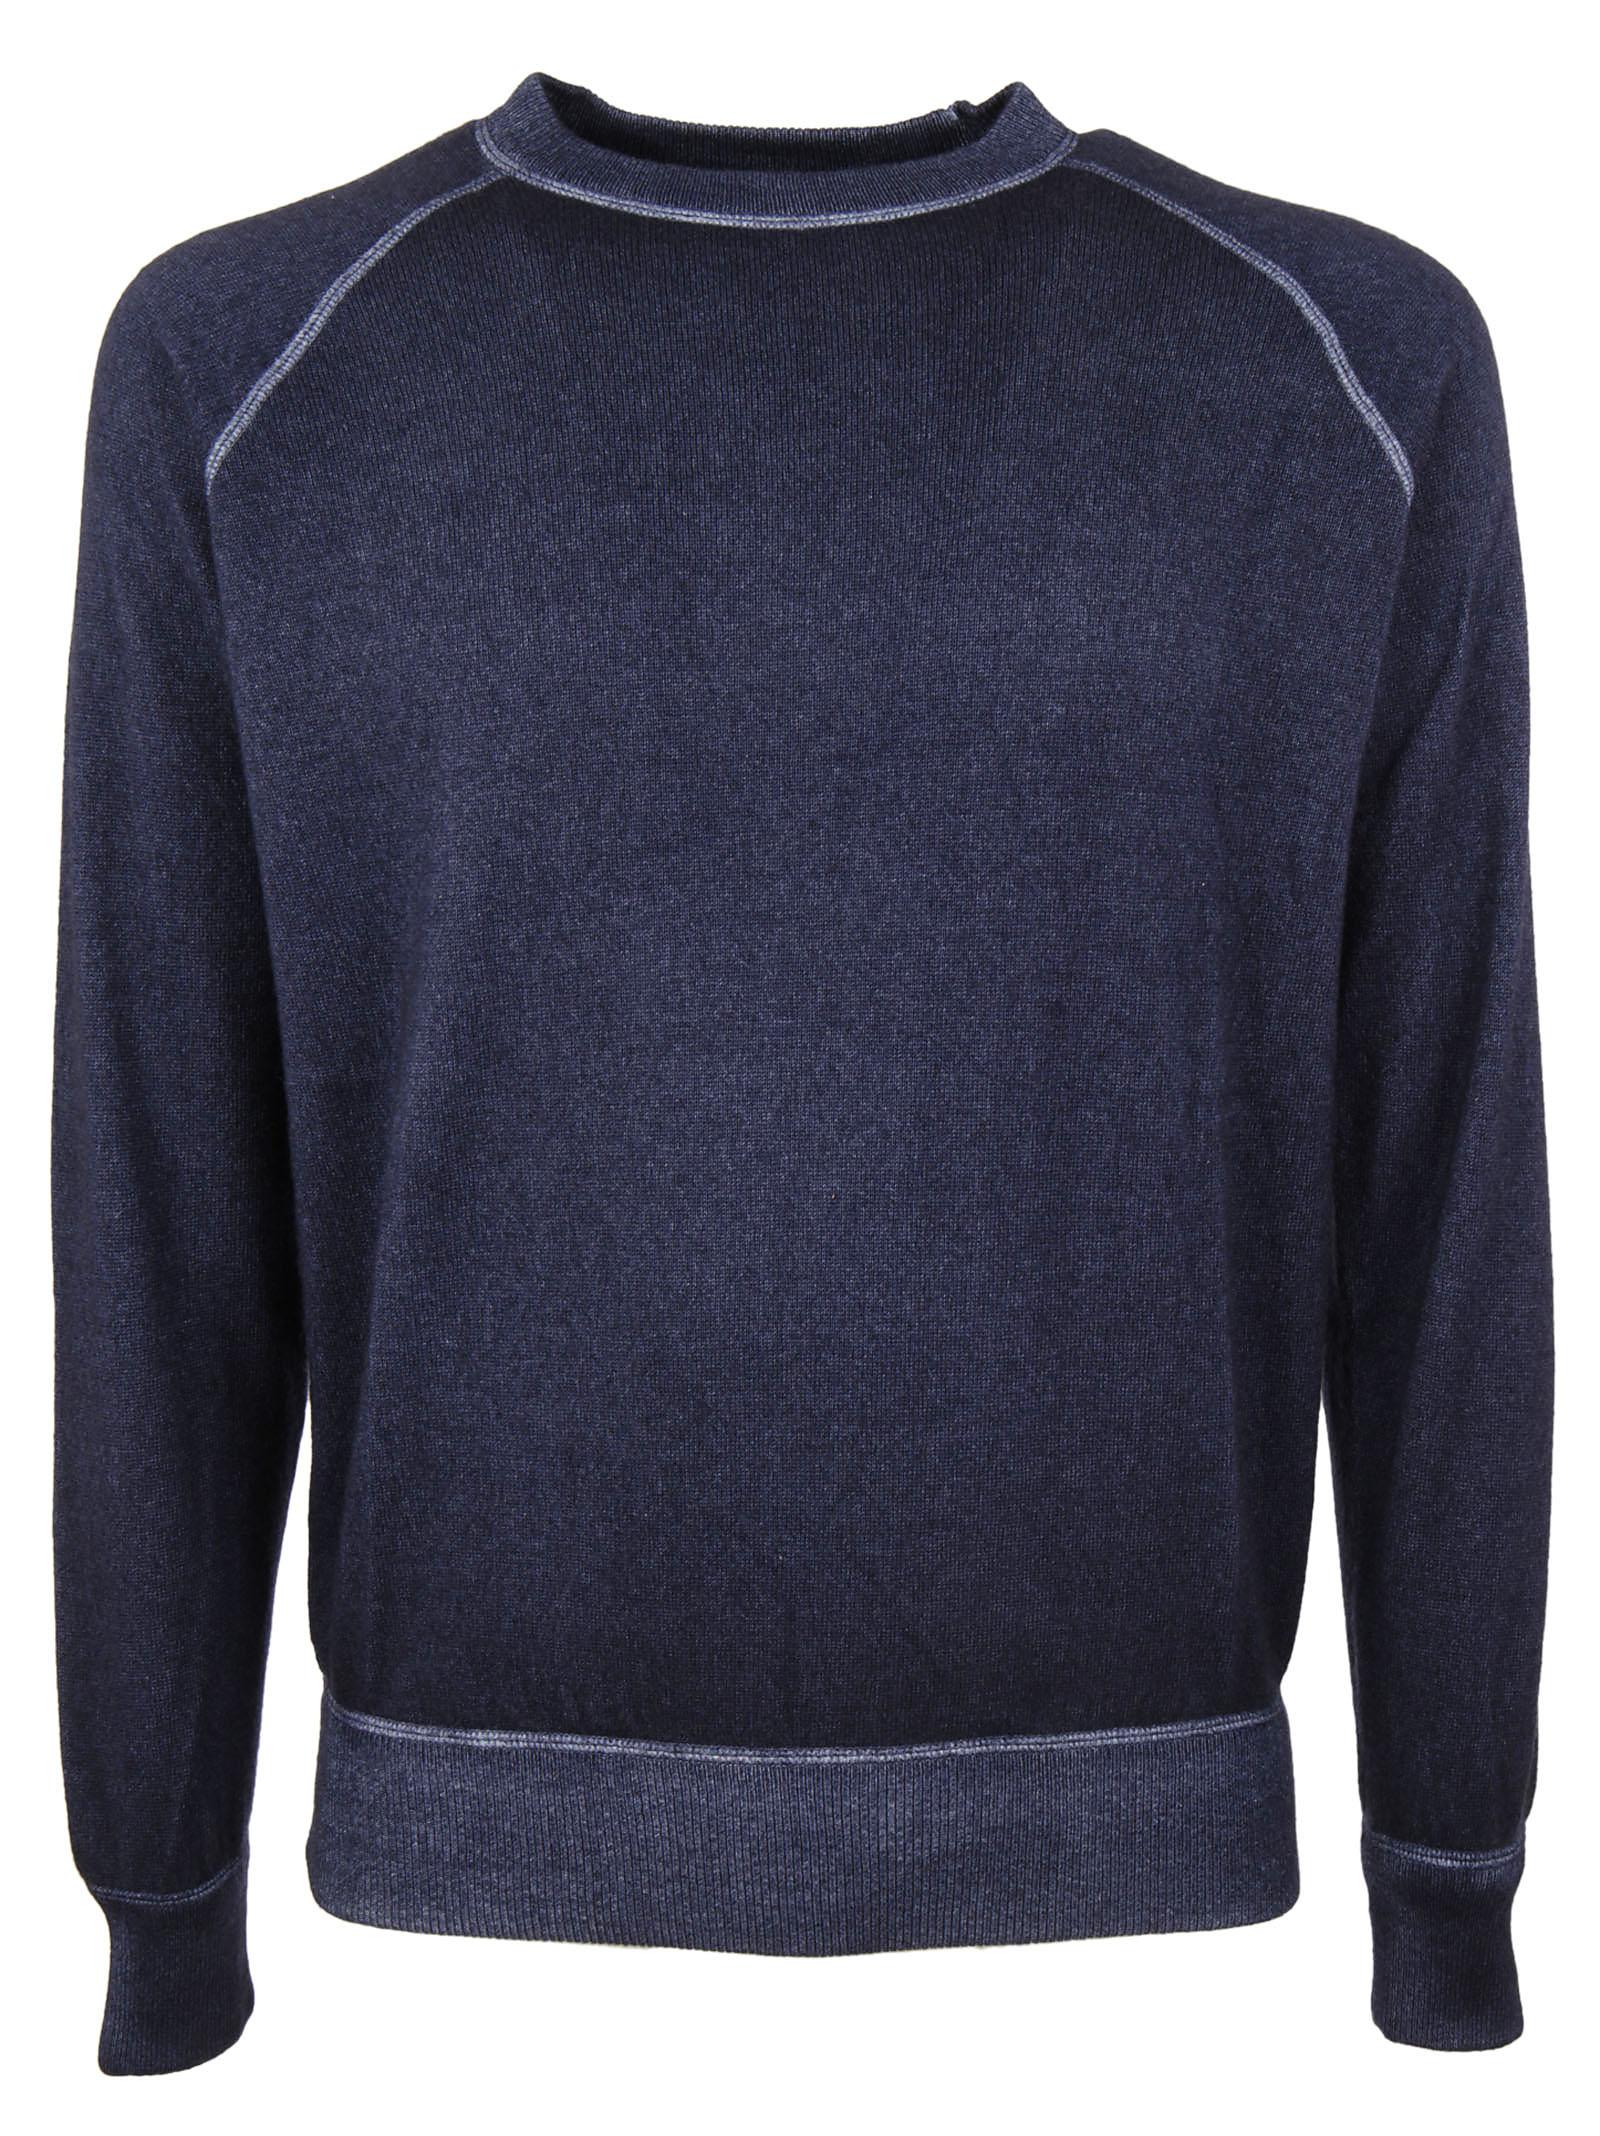 Doriani Doriani Ribbed Sweatshirt